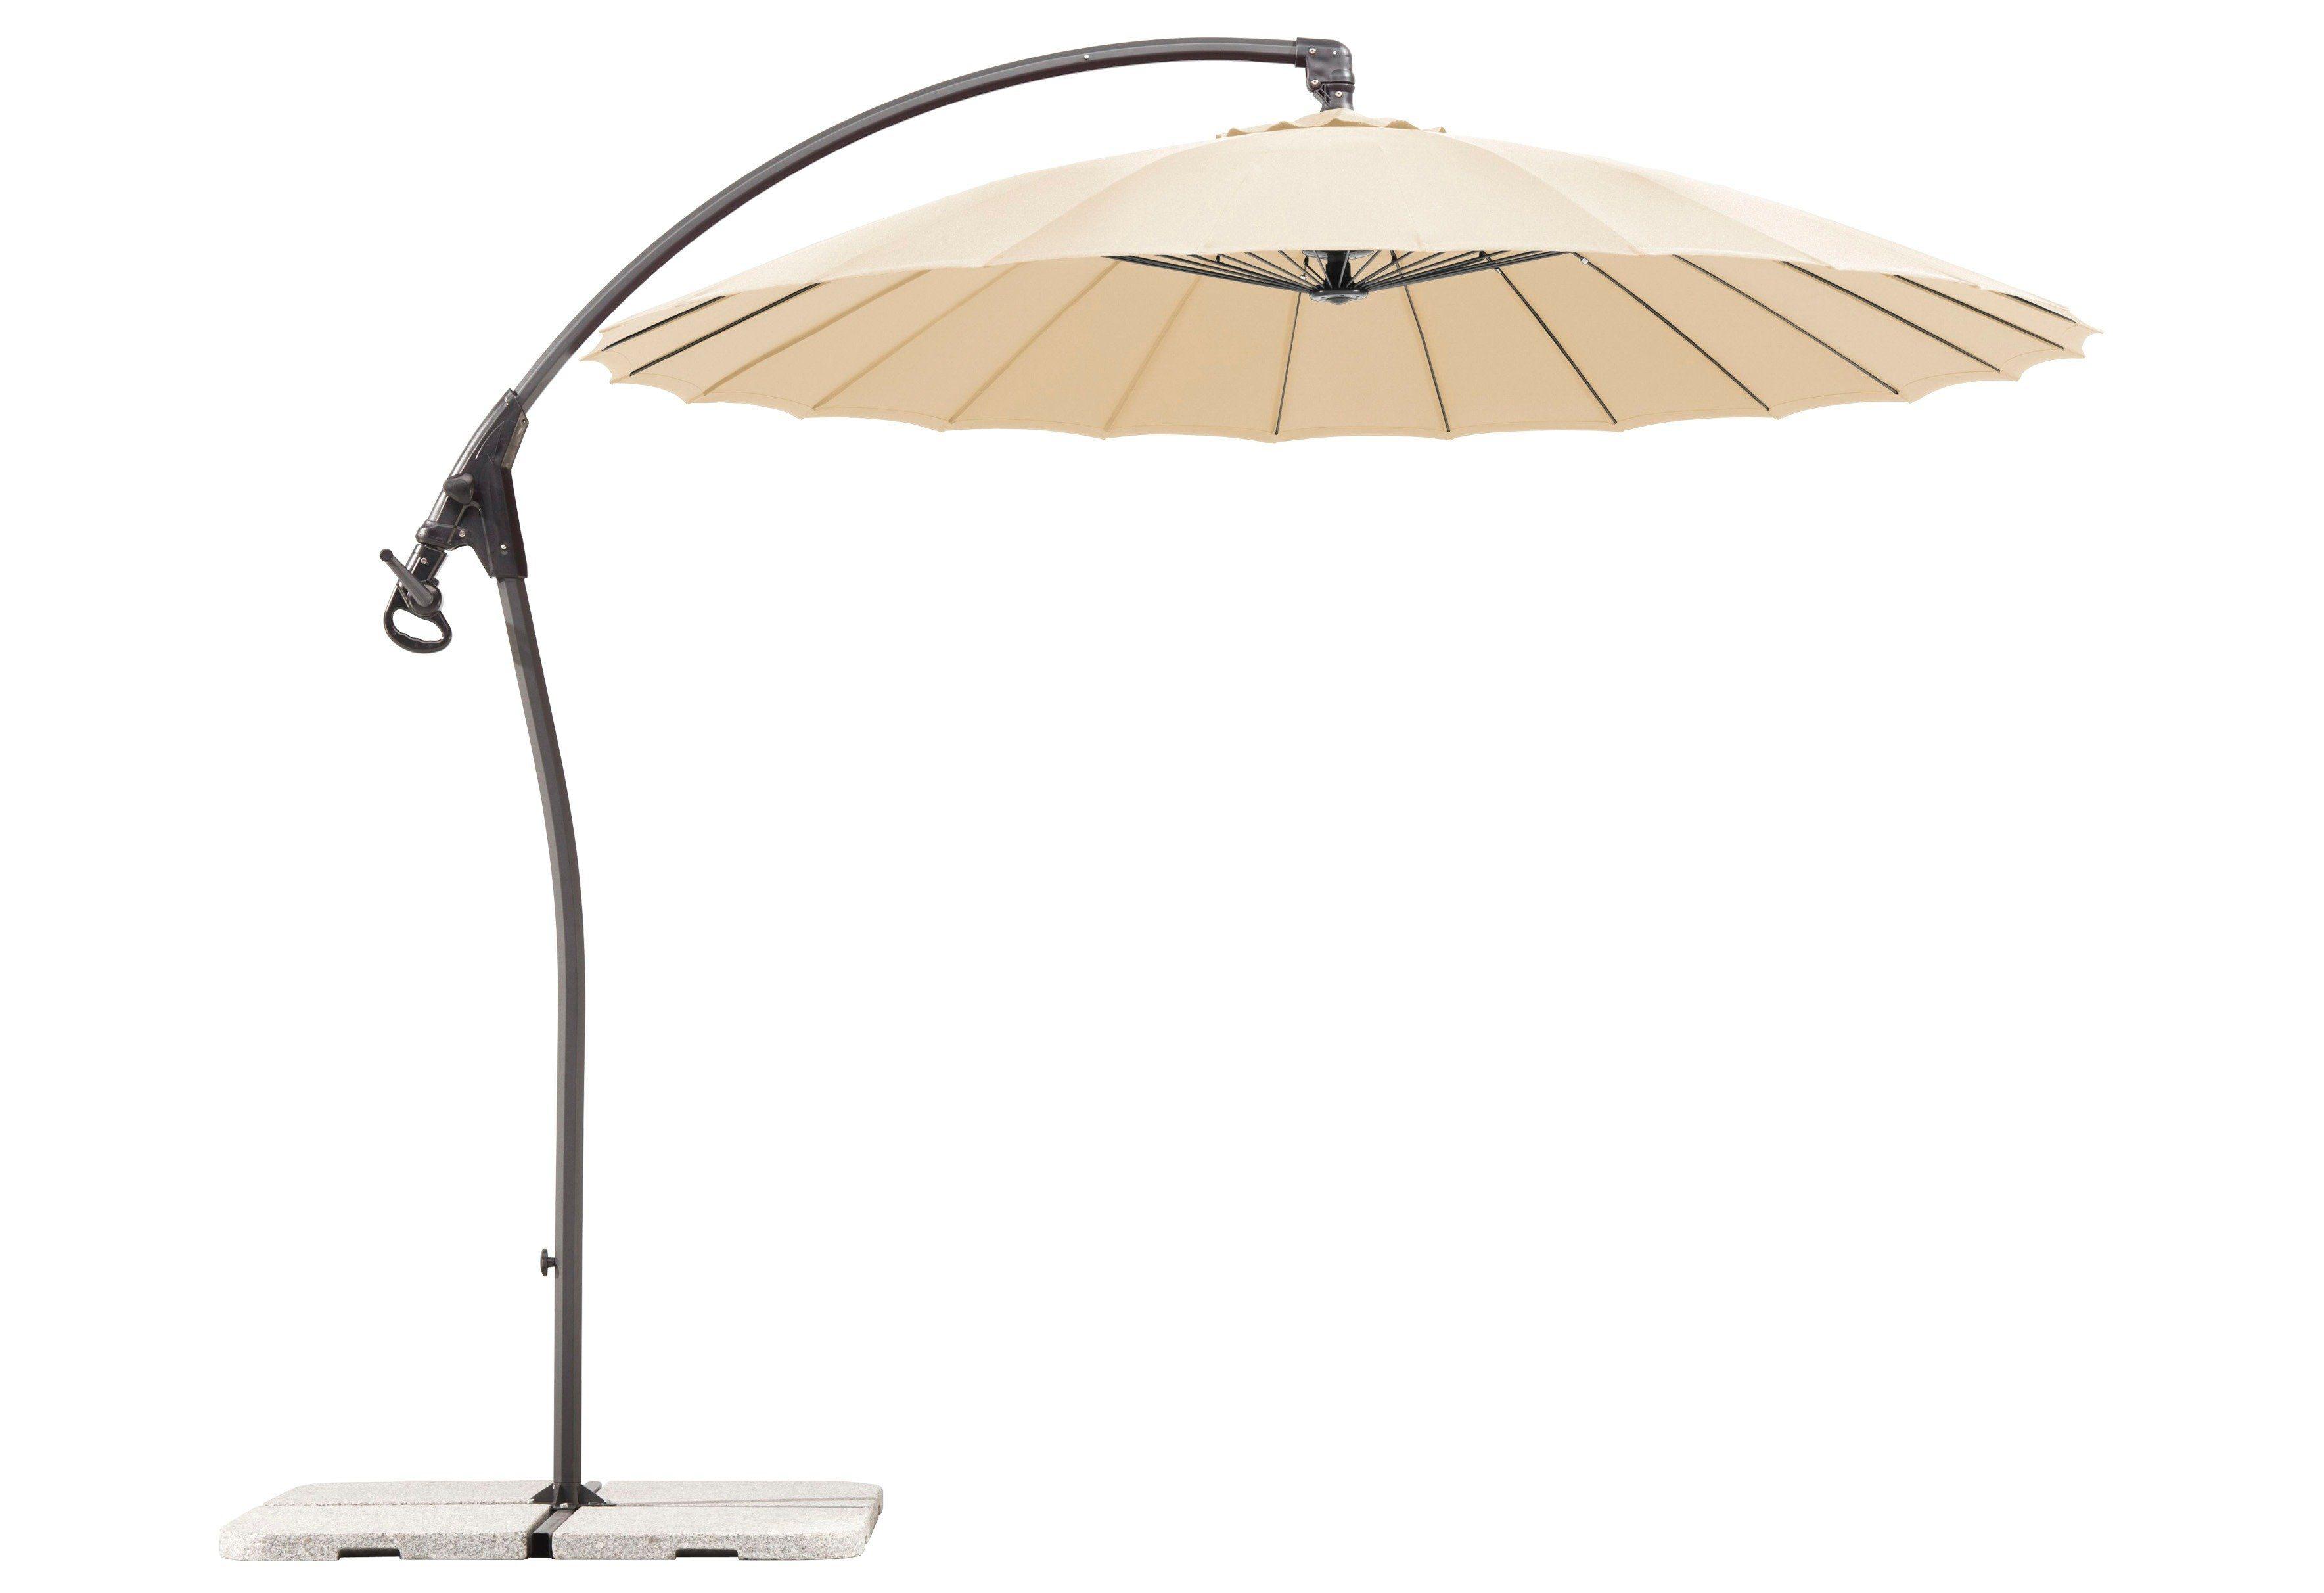 SCHNEIDER SCHIRME Ampelschirm »Lotus«, Ø 270 cm